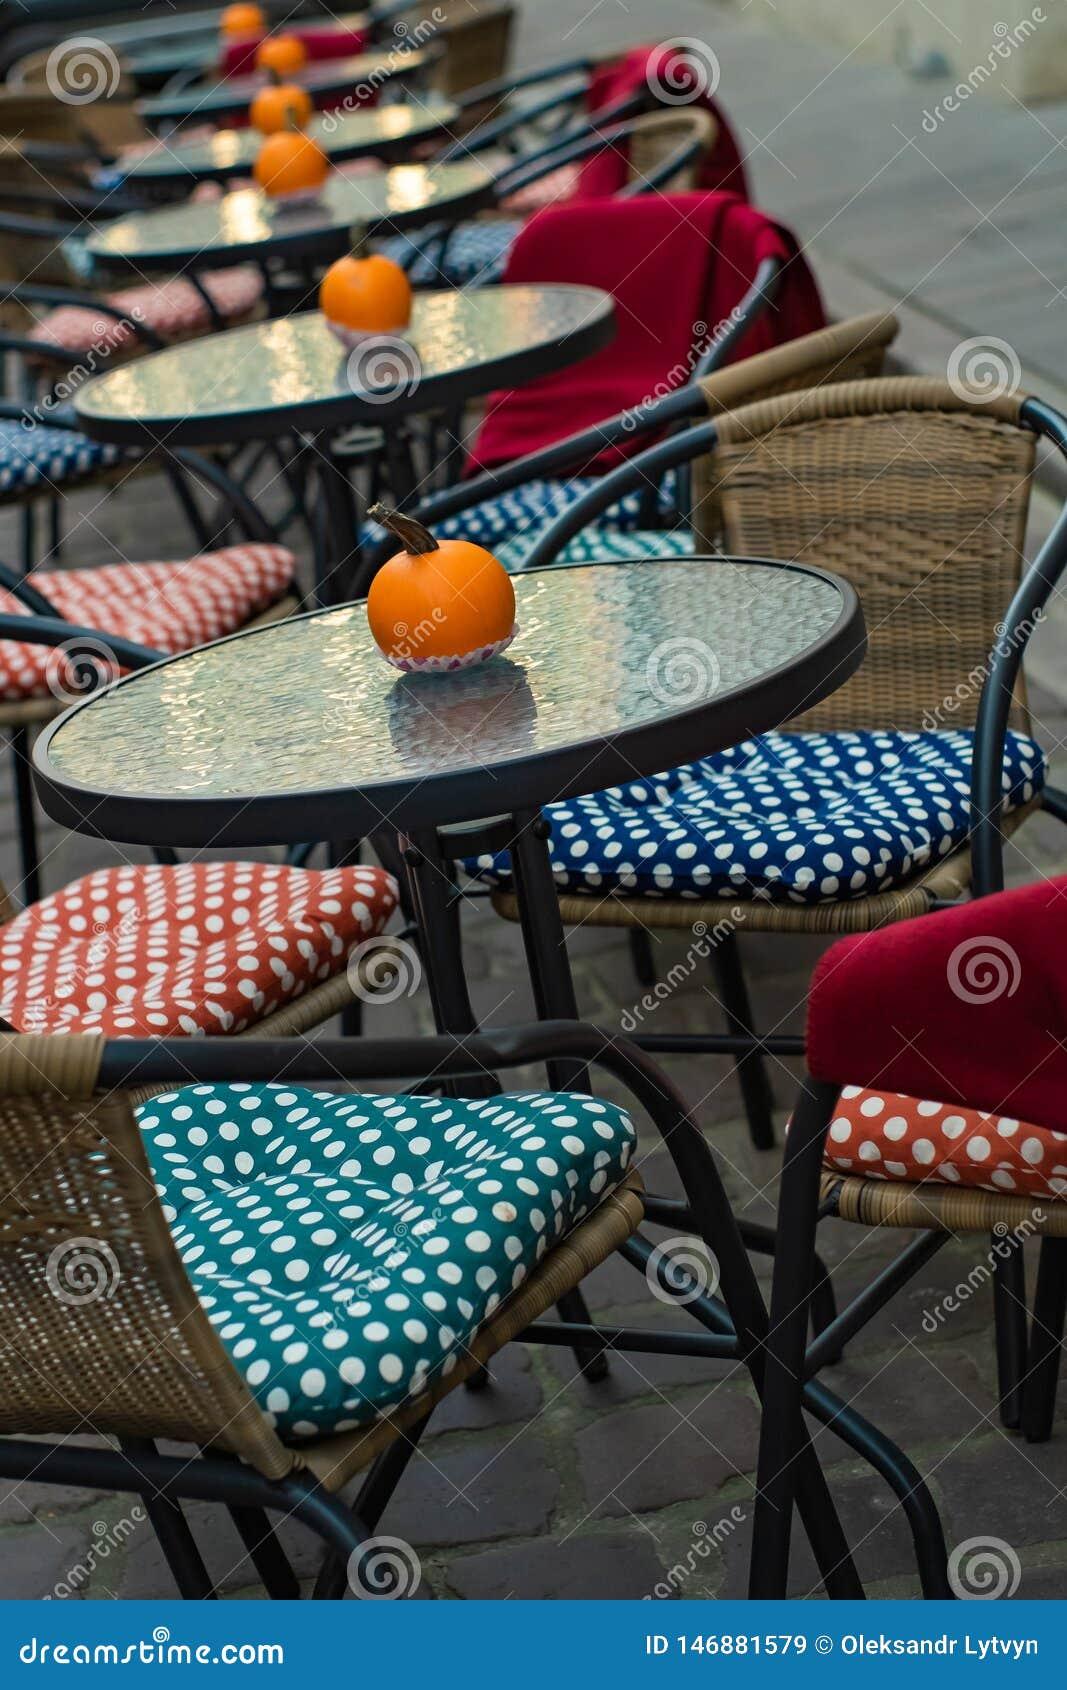 Glaslijsten van een openluchtkoffie met pompoenen en gekleurde kussens van stoelen